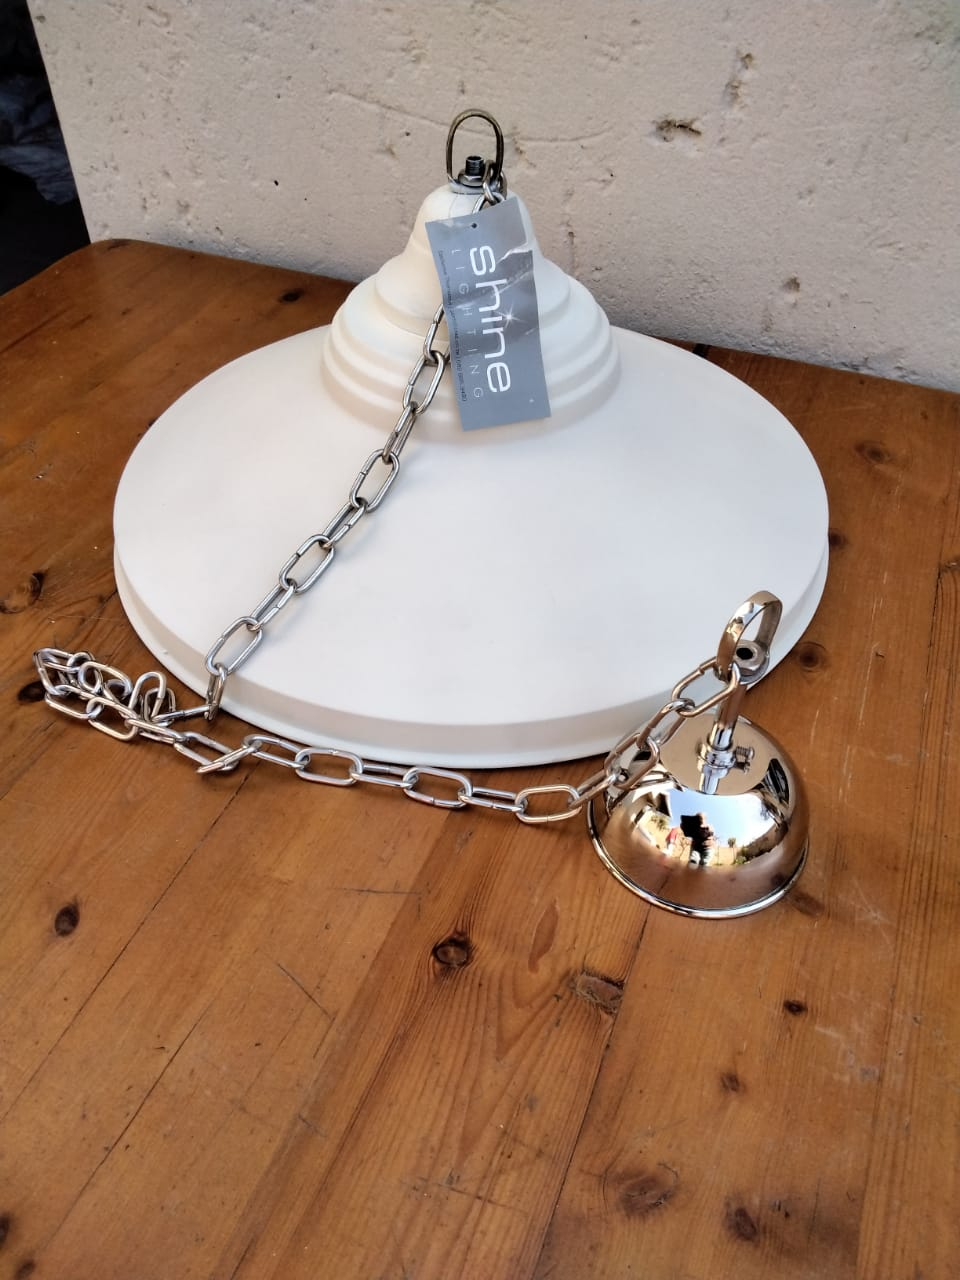 Brand new stunning pendant light, white.